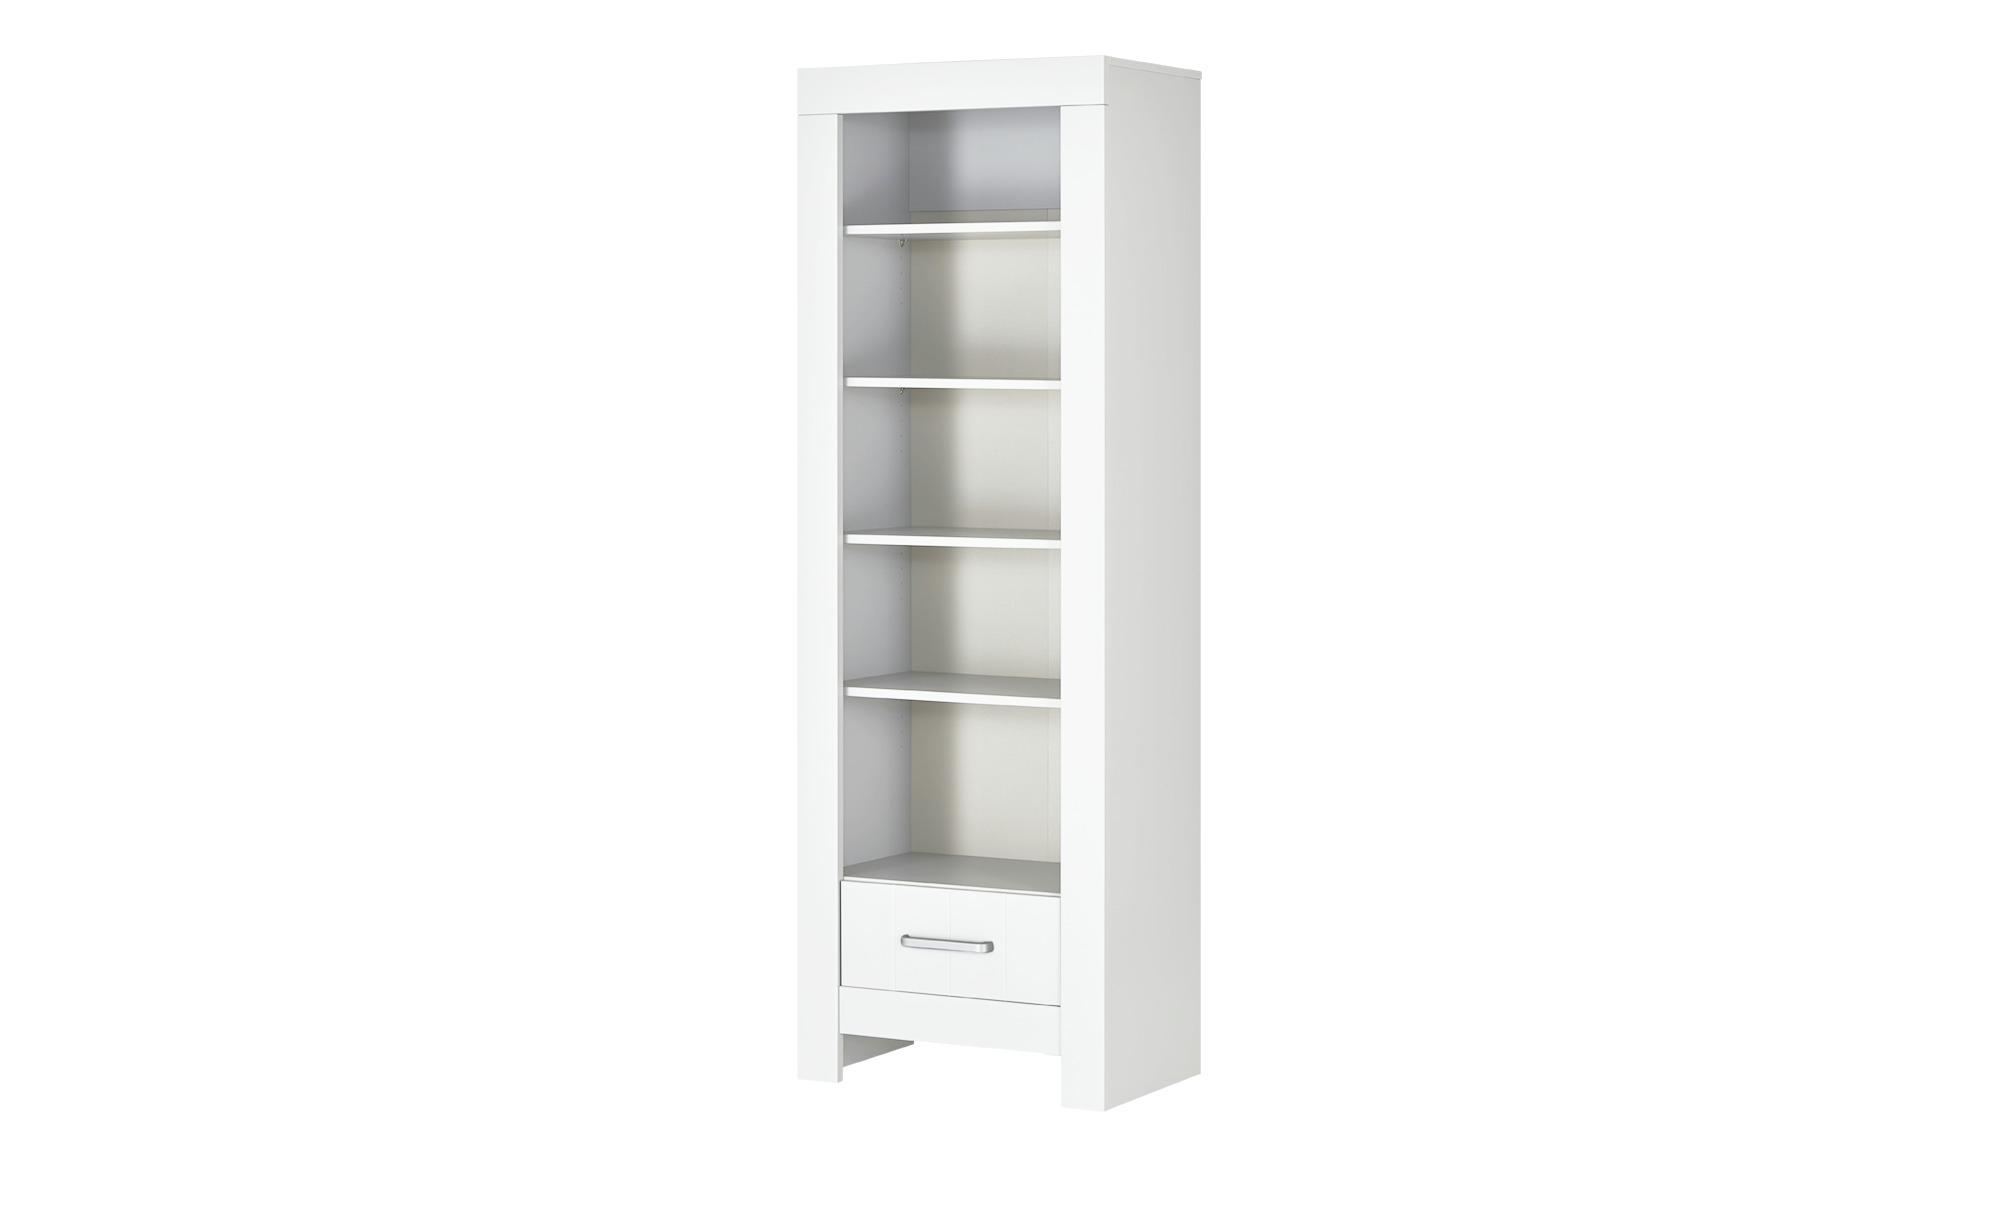 Standregal - weiß - 69,8 cm - 204,8 cm - 45 cm - Baby > Babymöbel > Babyregale - Möbel Kraft | Wohnzimmer > Regale > Einzelregale | Möbel Kraft